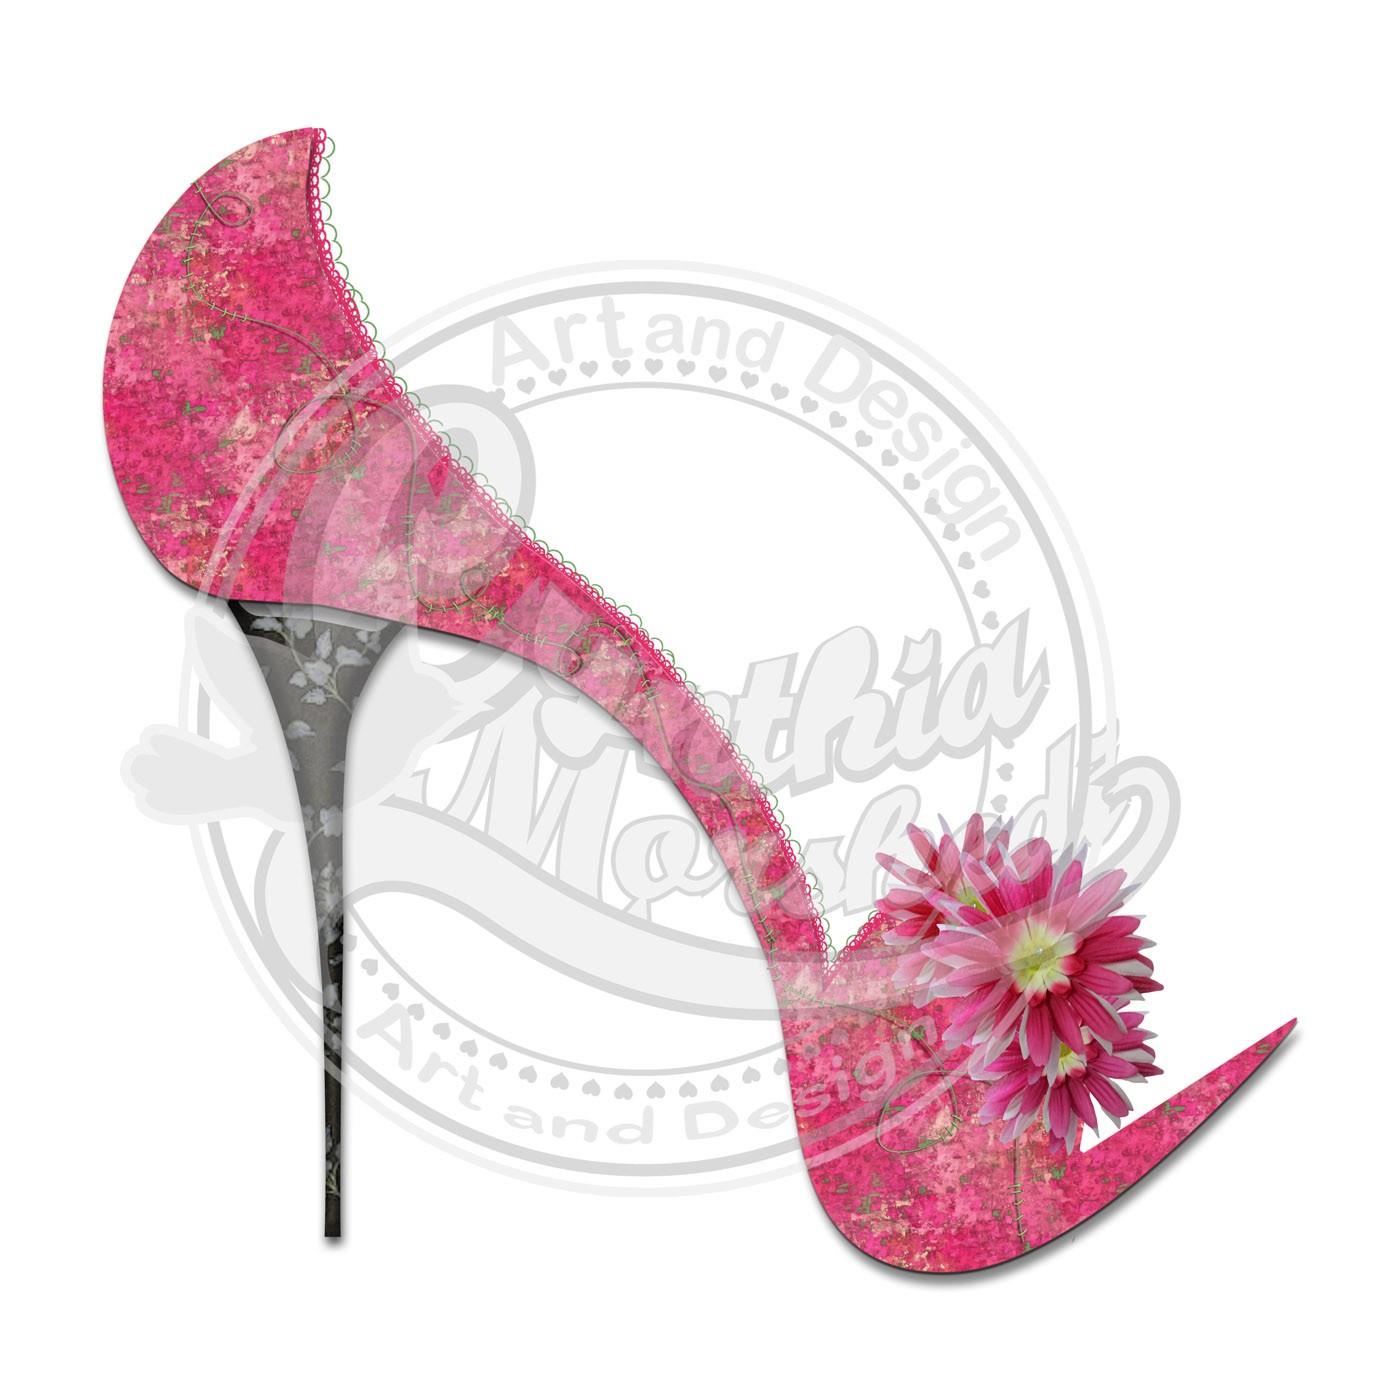 Heels clipart high heeled shoe Clipart on Heel Studio Heel